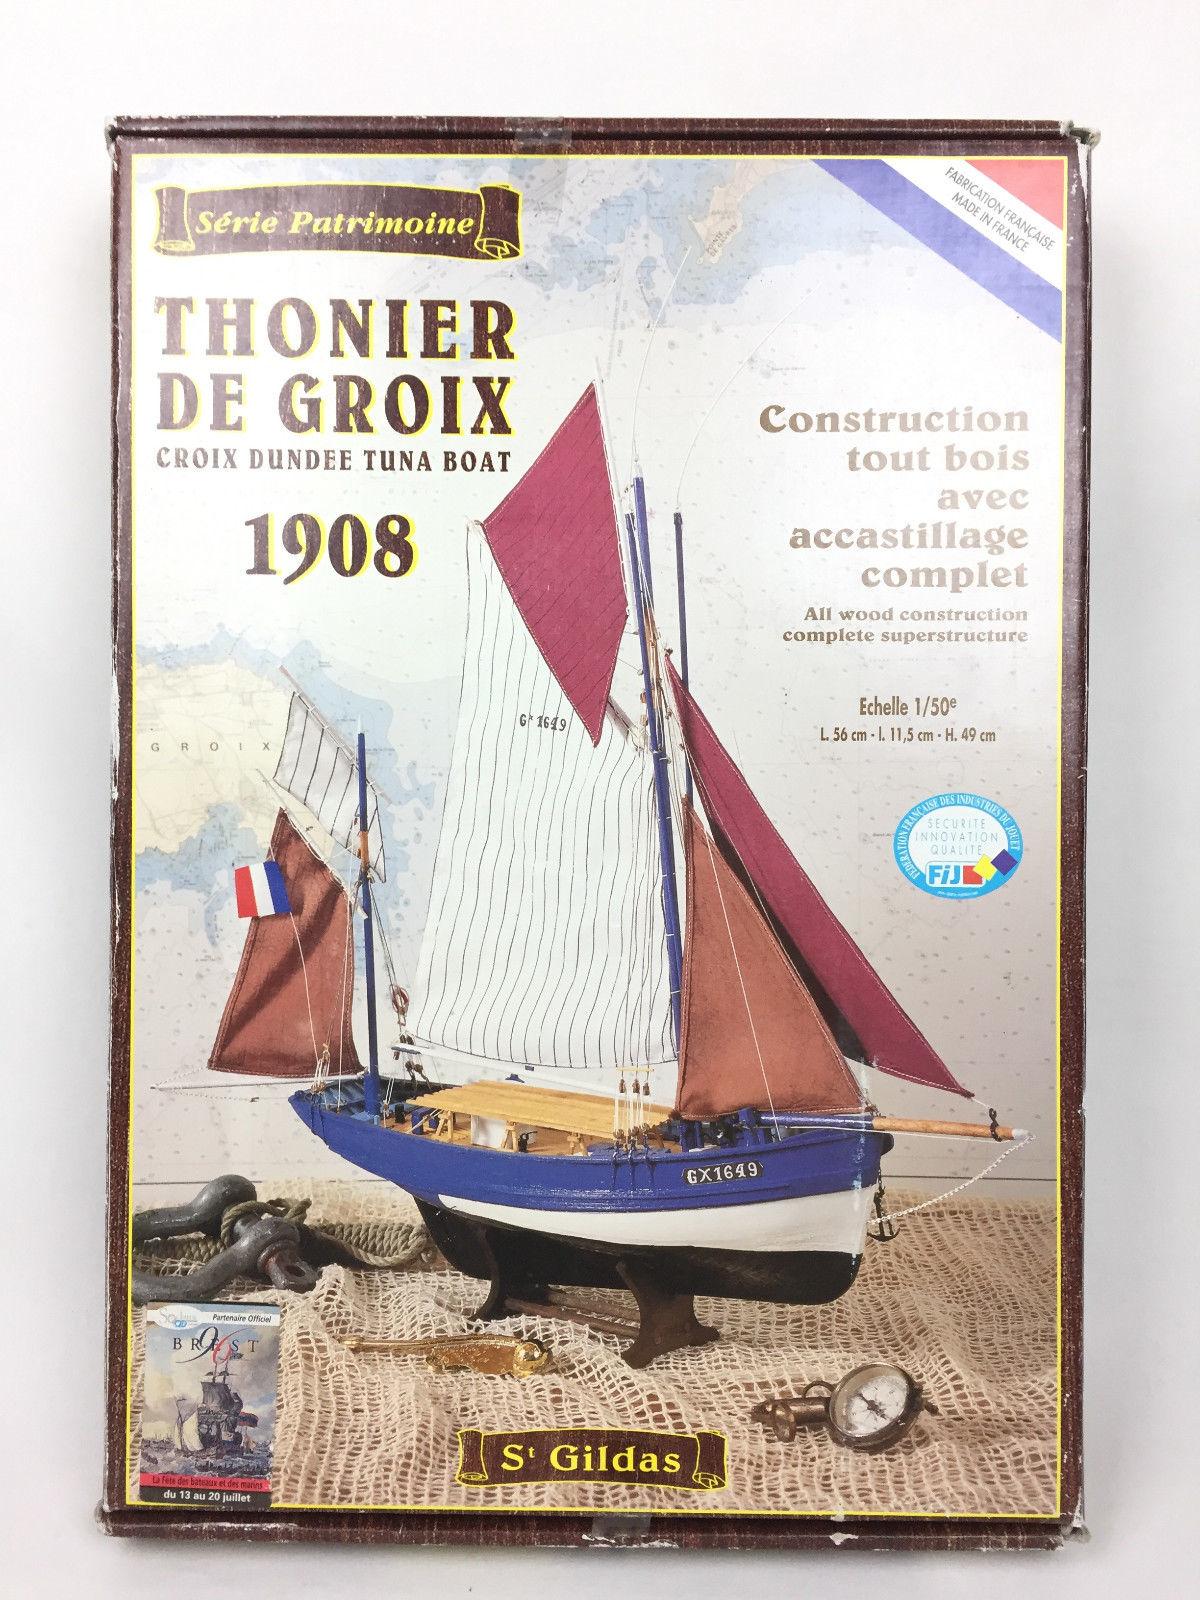 Thonier de Groix Saint-Gildas 1908 au 1/50 de G-Schmitt  - Page 17 18070908291019949815799294